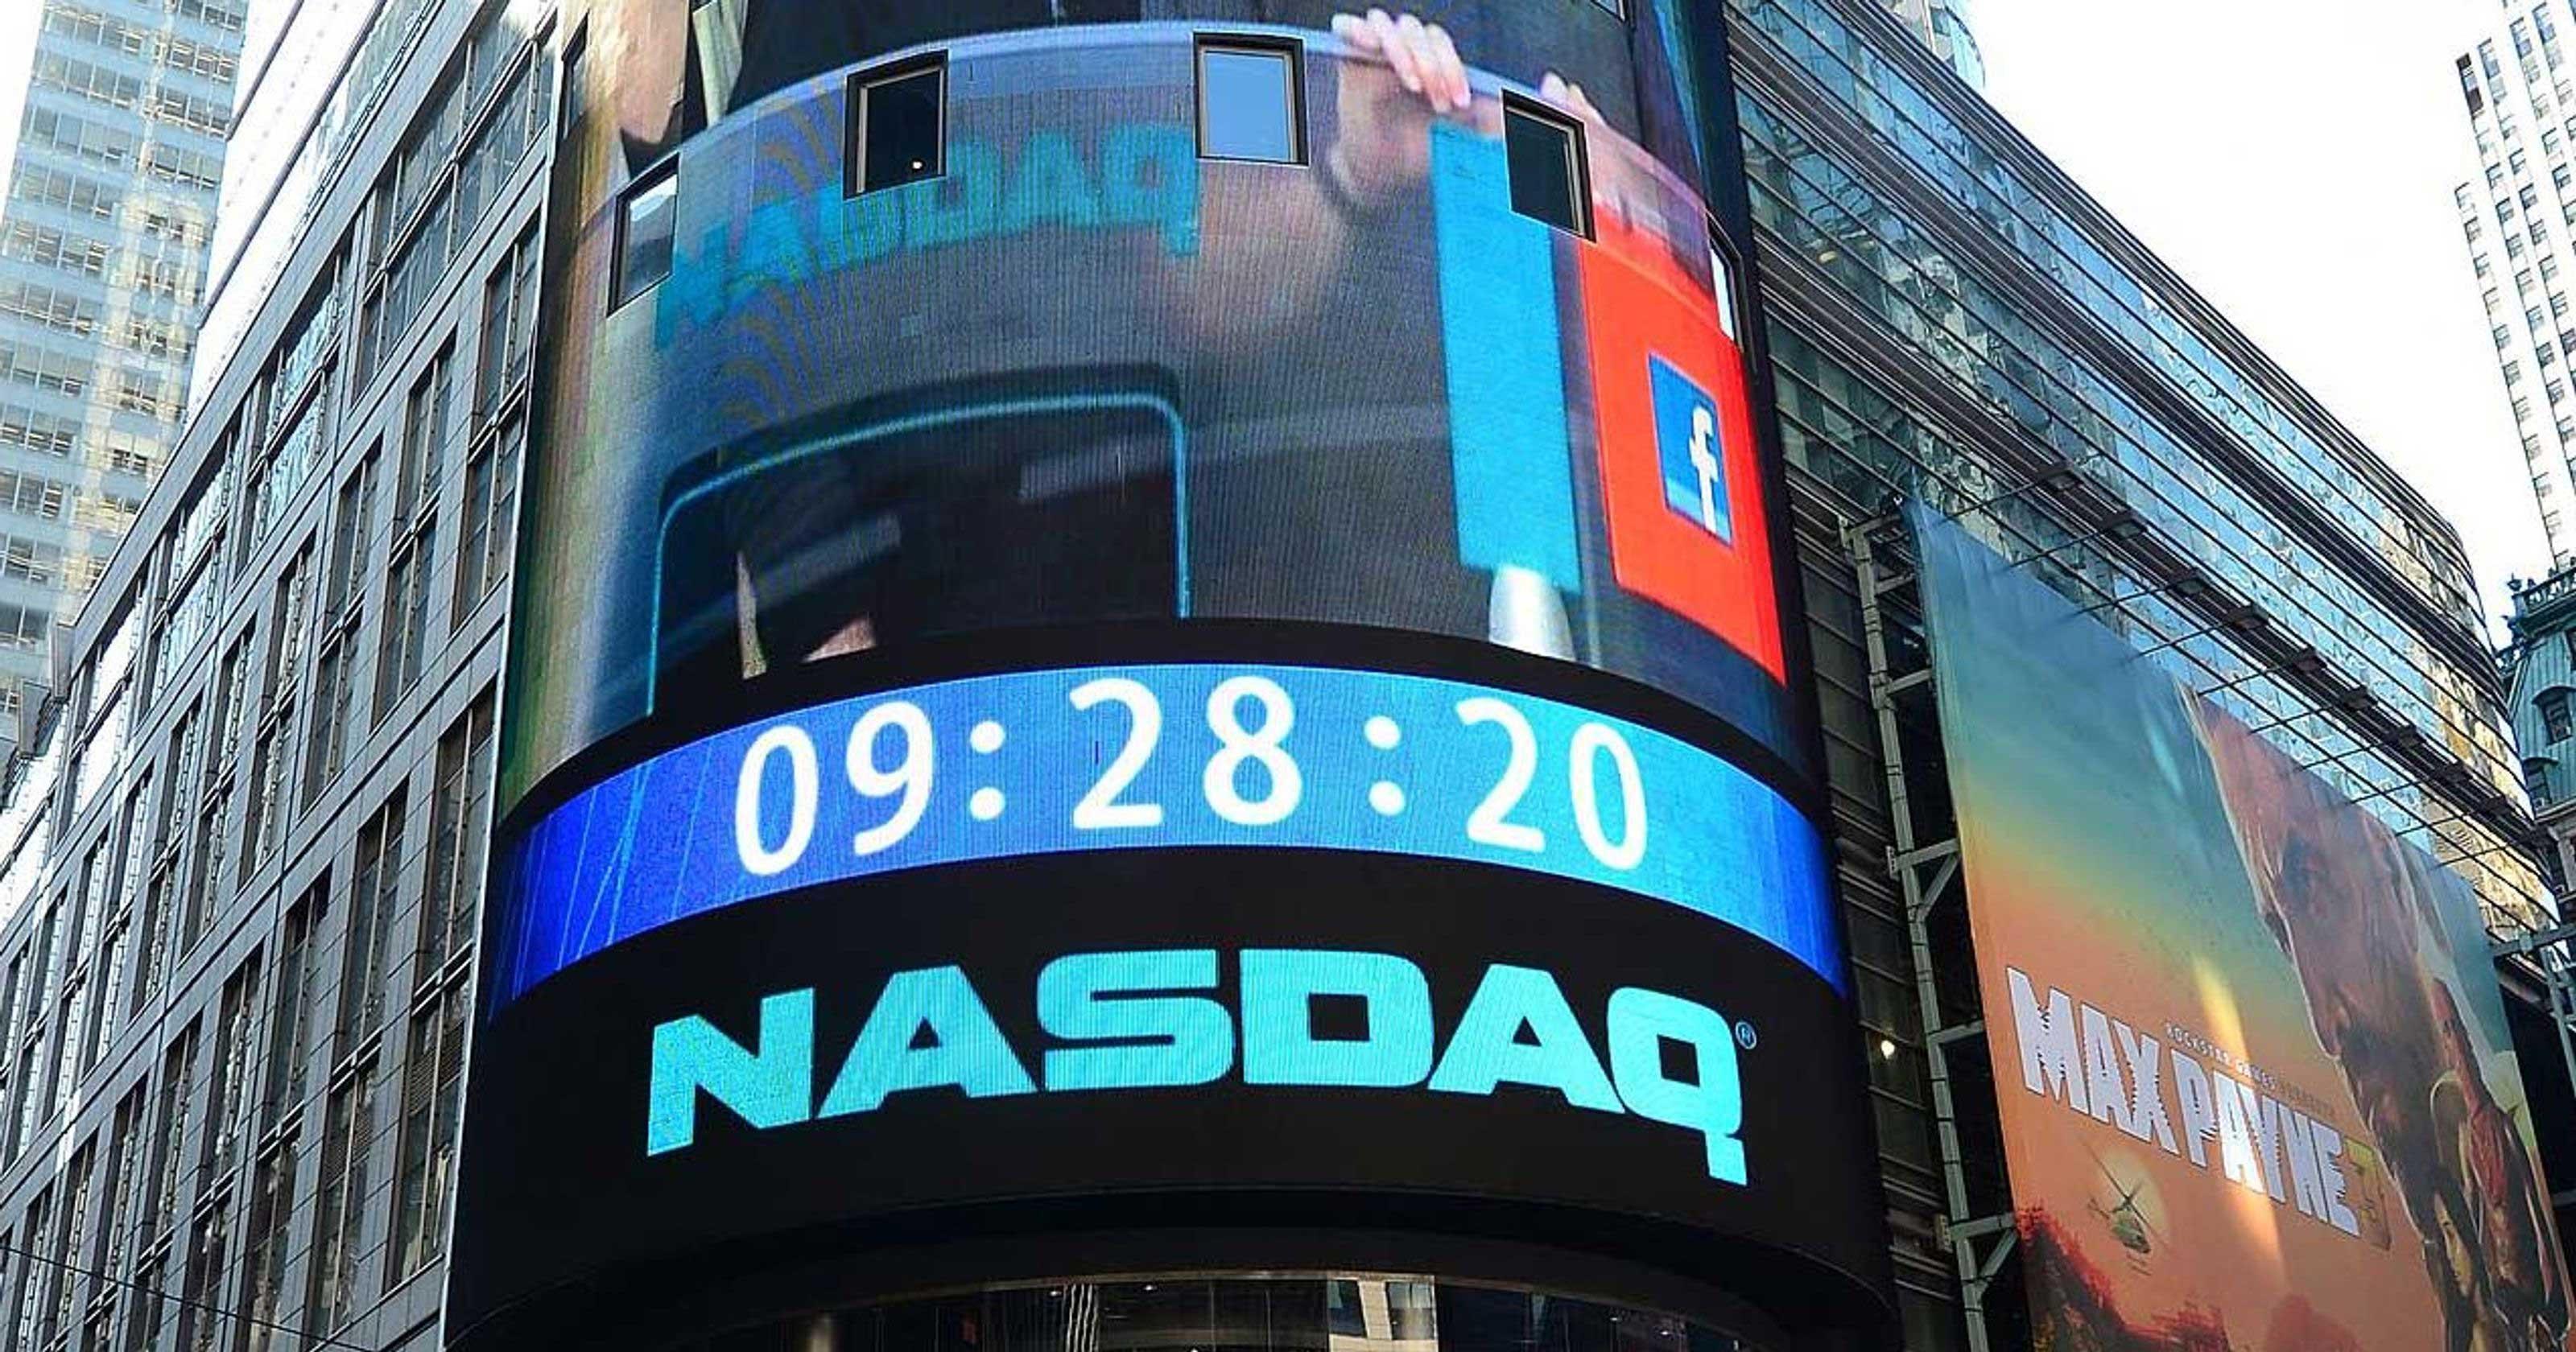 Webitcoin: Que crise? Nasdaq planeja lançar contratos futuros de Bitcoin em 2019